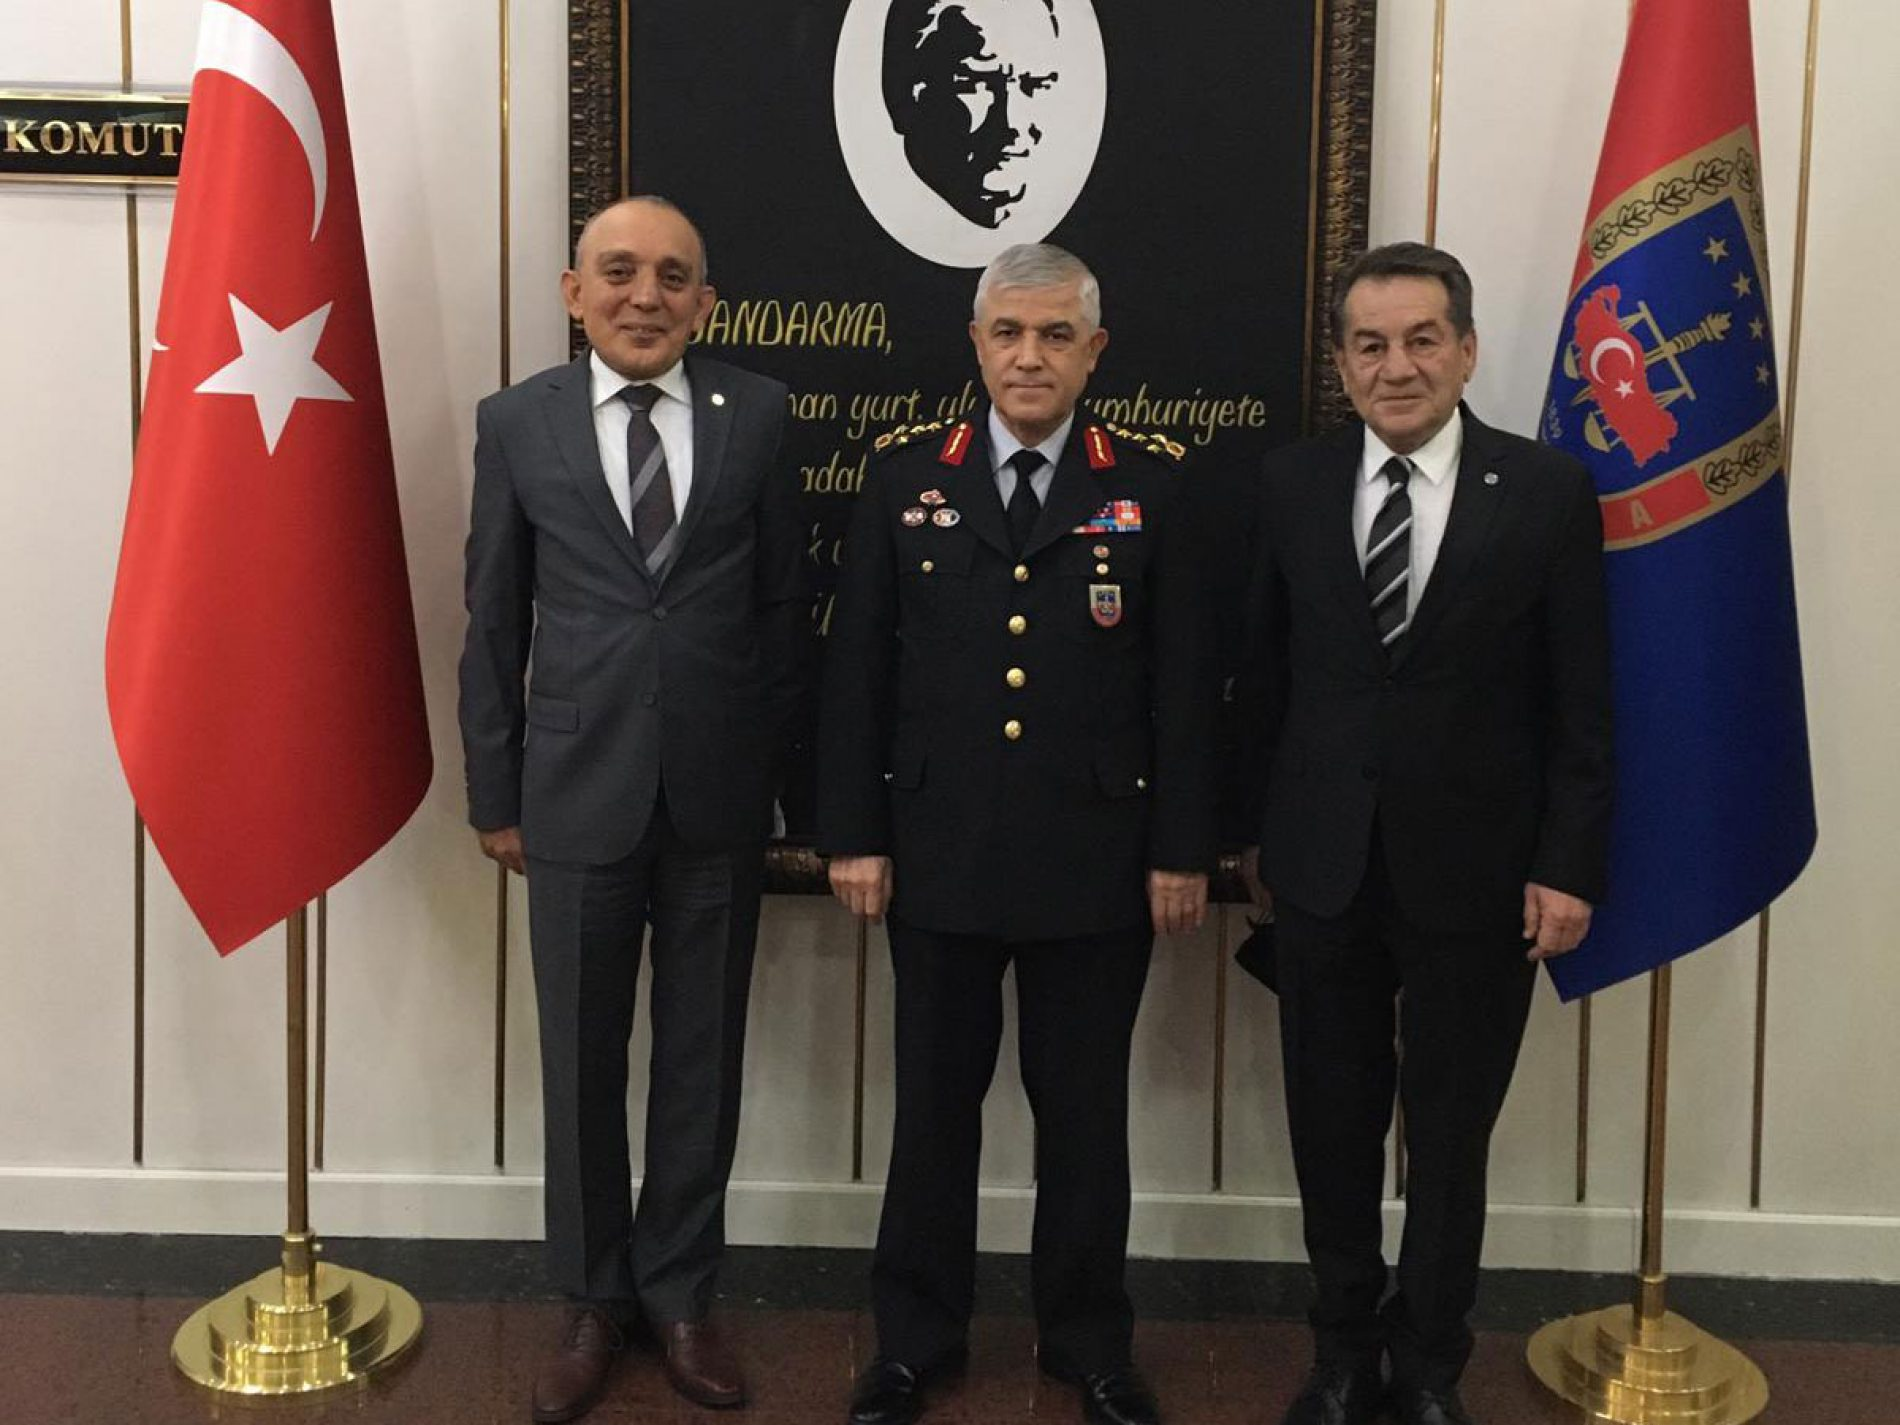 Türkiye Bilişim Derneği'nden, T.C. İçişleri Bakanlığı Jandarma Genel Komutanlığı'na Ziyaret